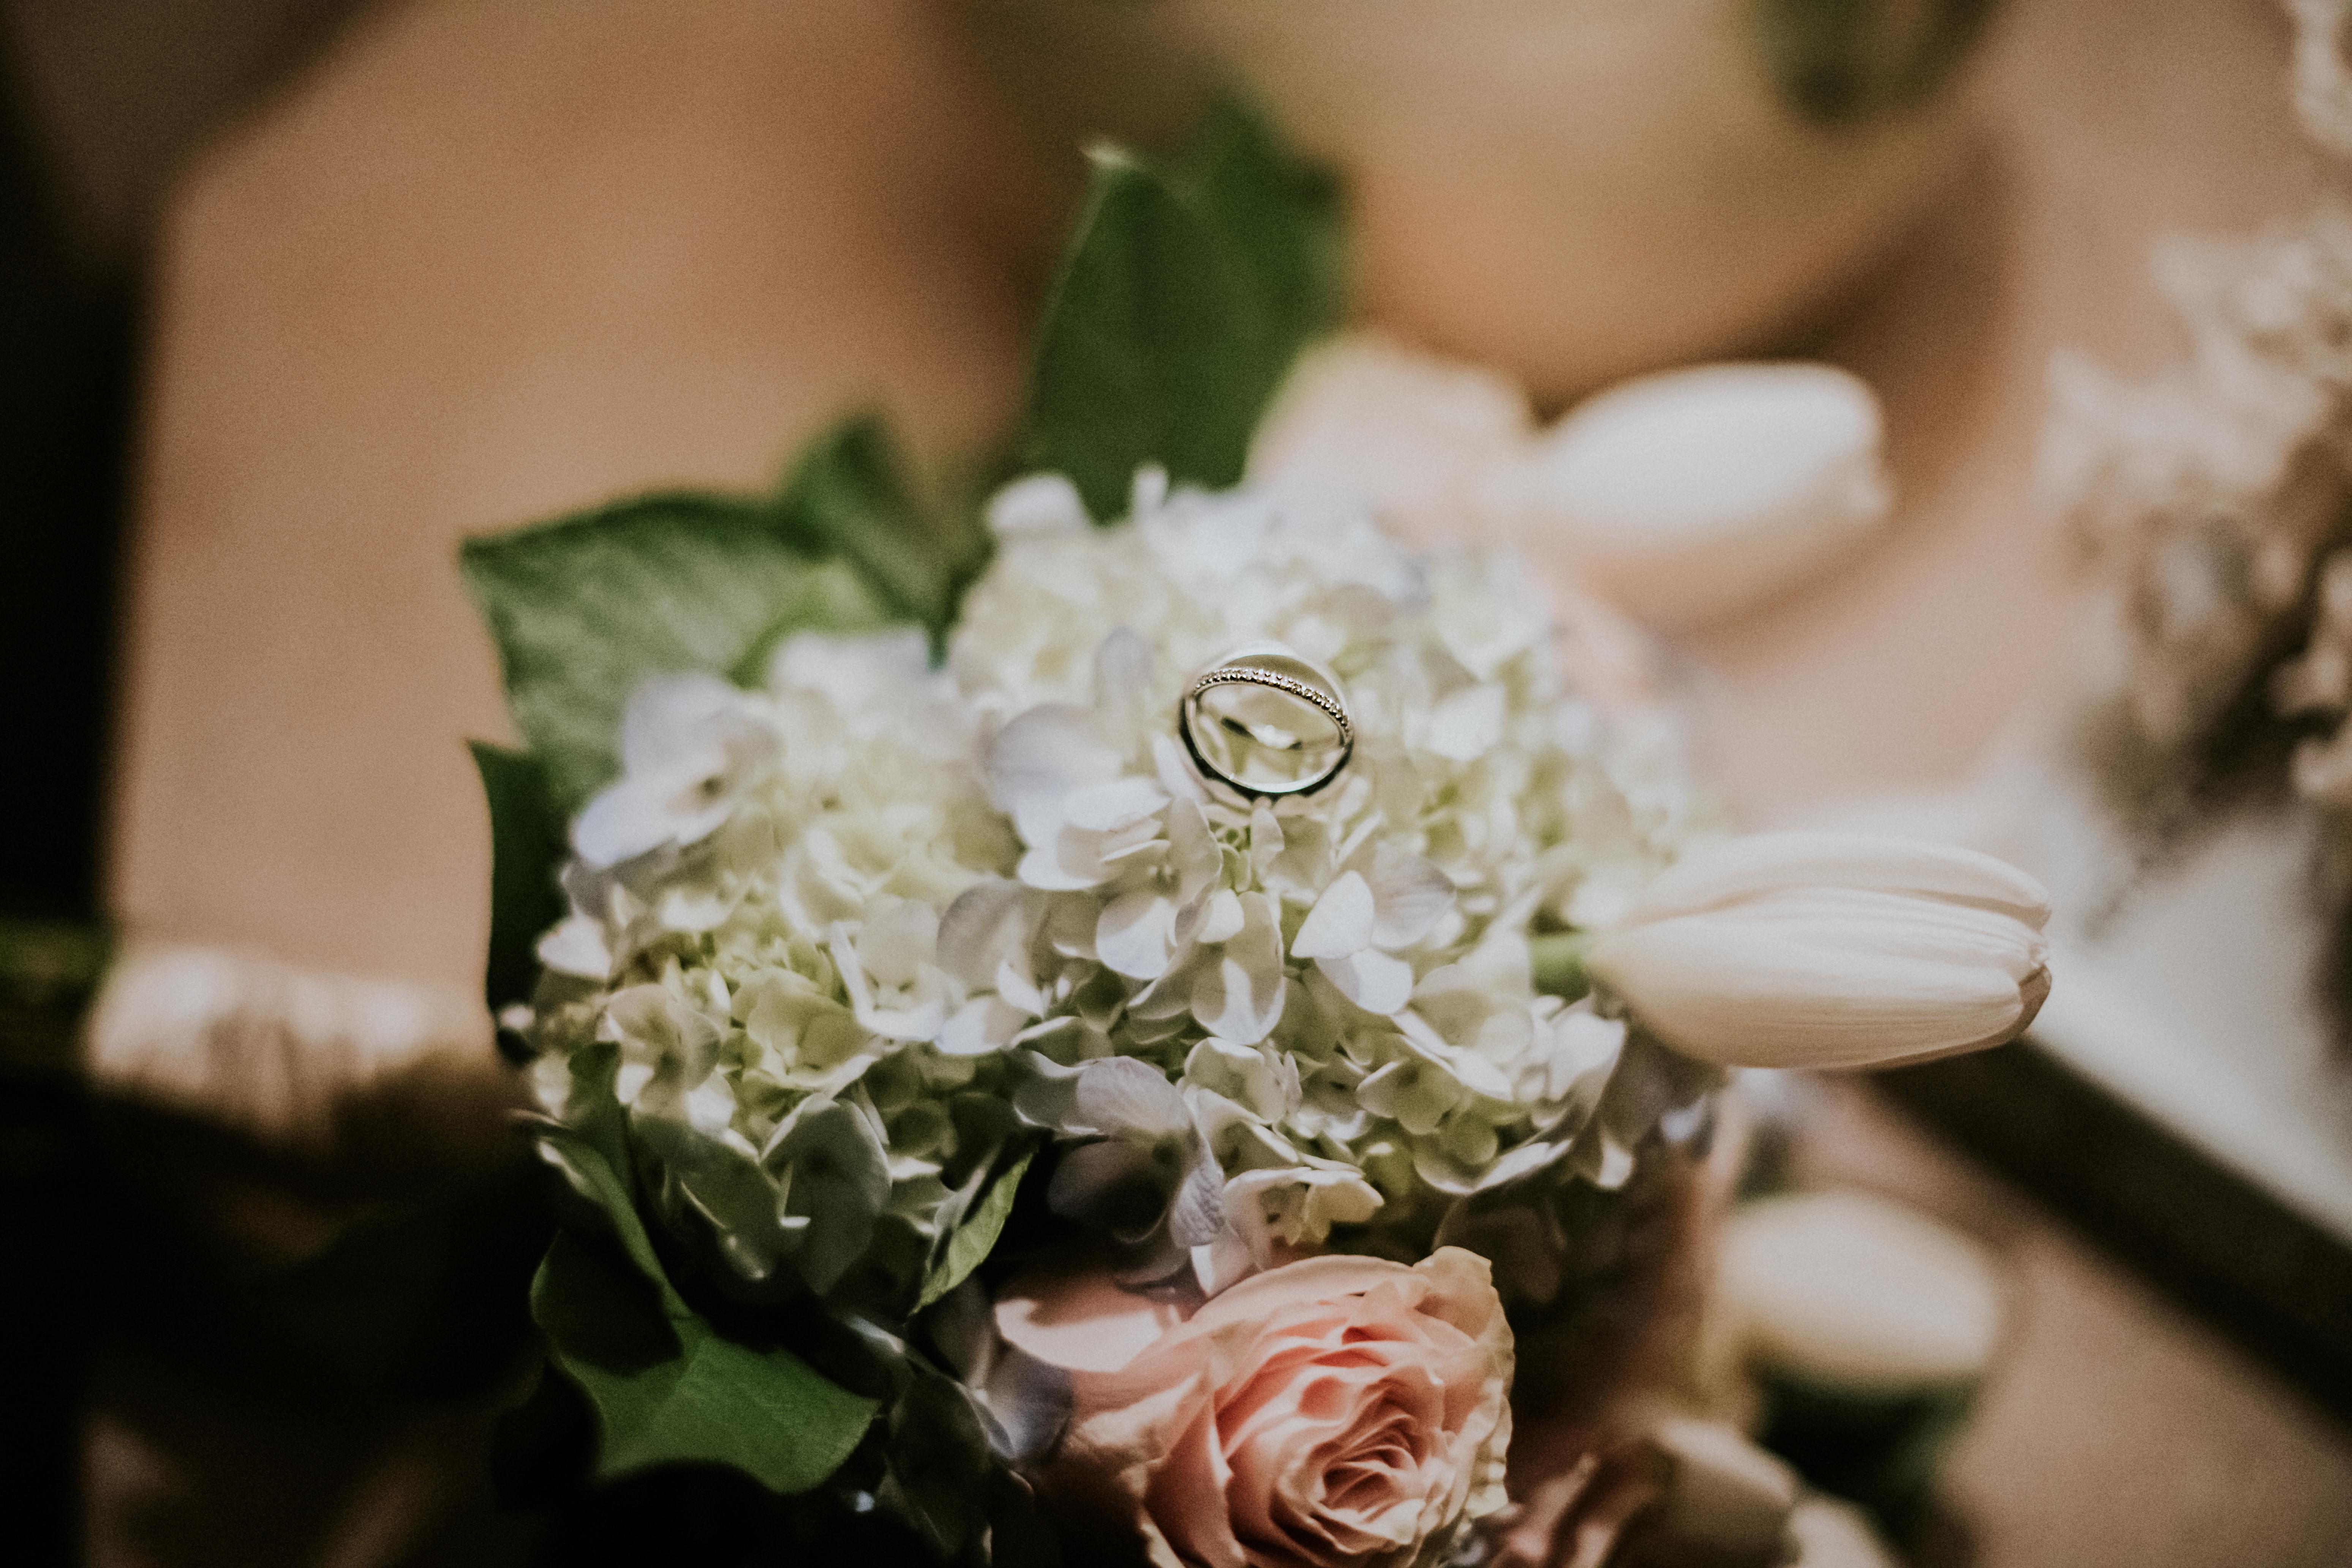 wedding rings on bouquet detail wedding photography california wedding hotel casa del mar